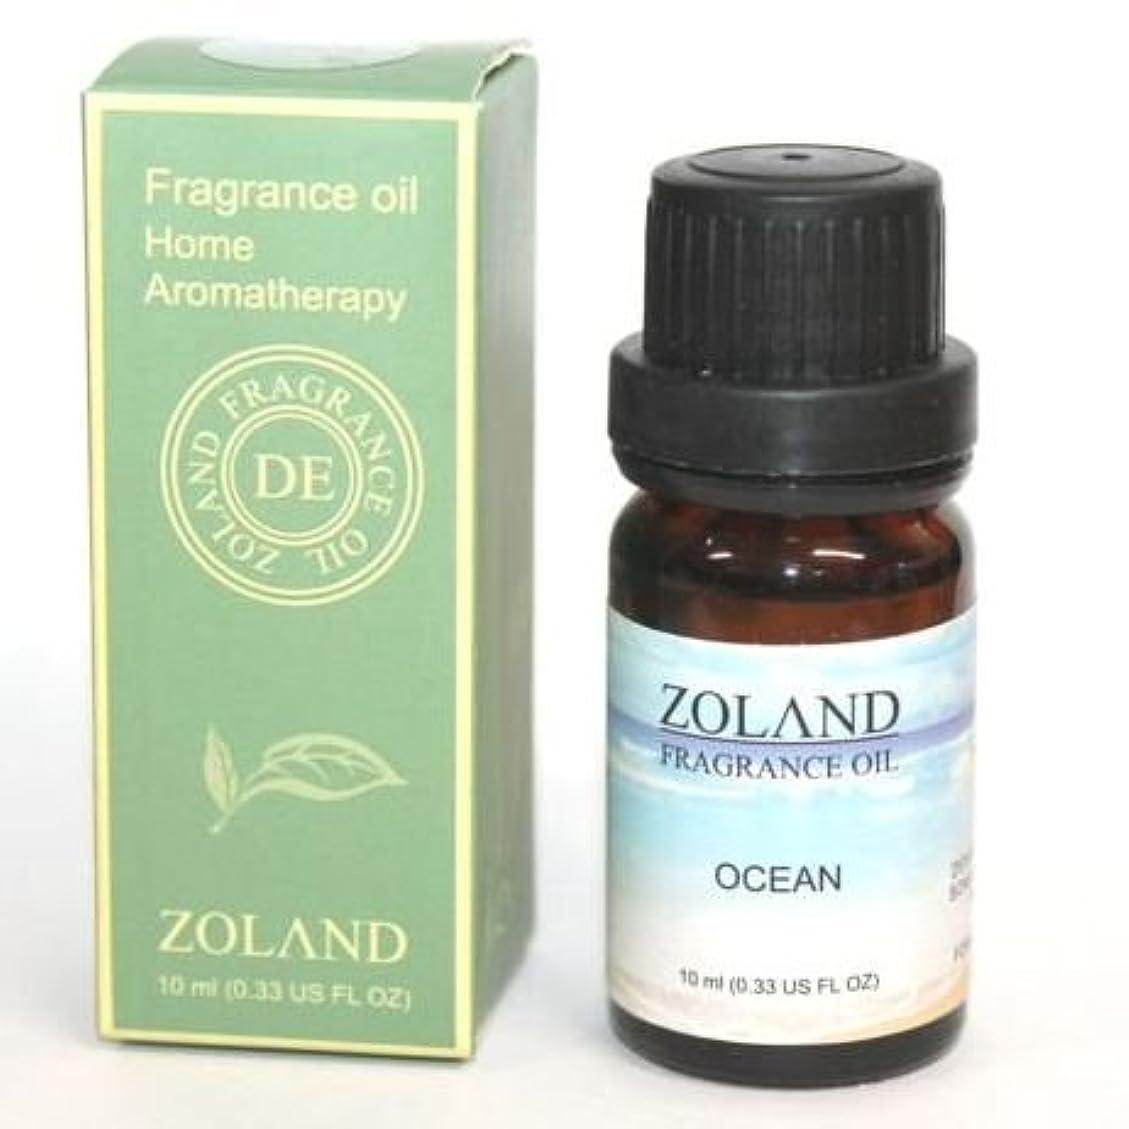 議題真実下品ZOLAND アロマオイル AROMA OIL フレグランスオイル OCEAN オーシャン 海の香り ZQ-6